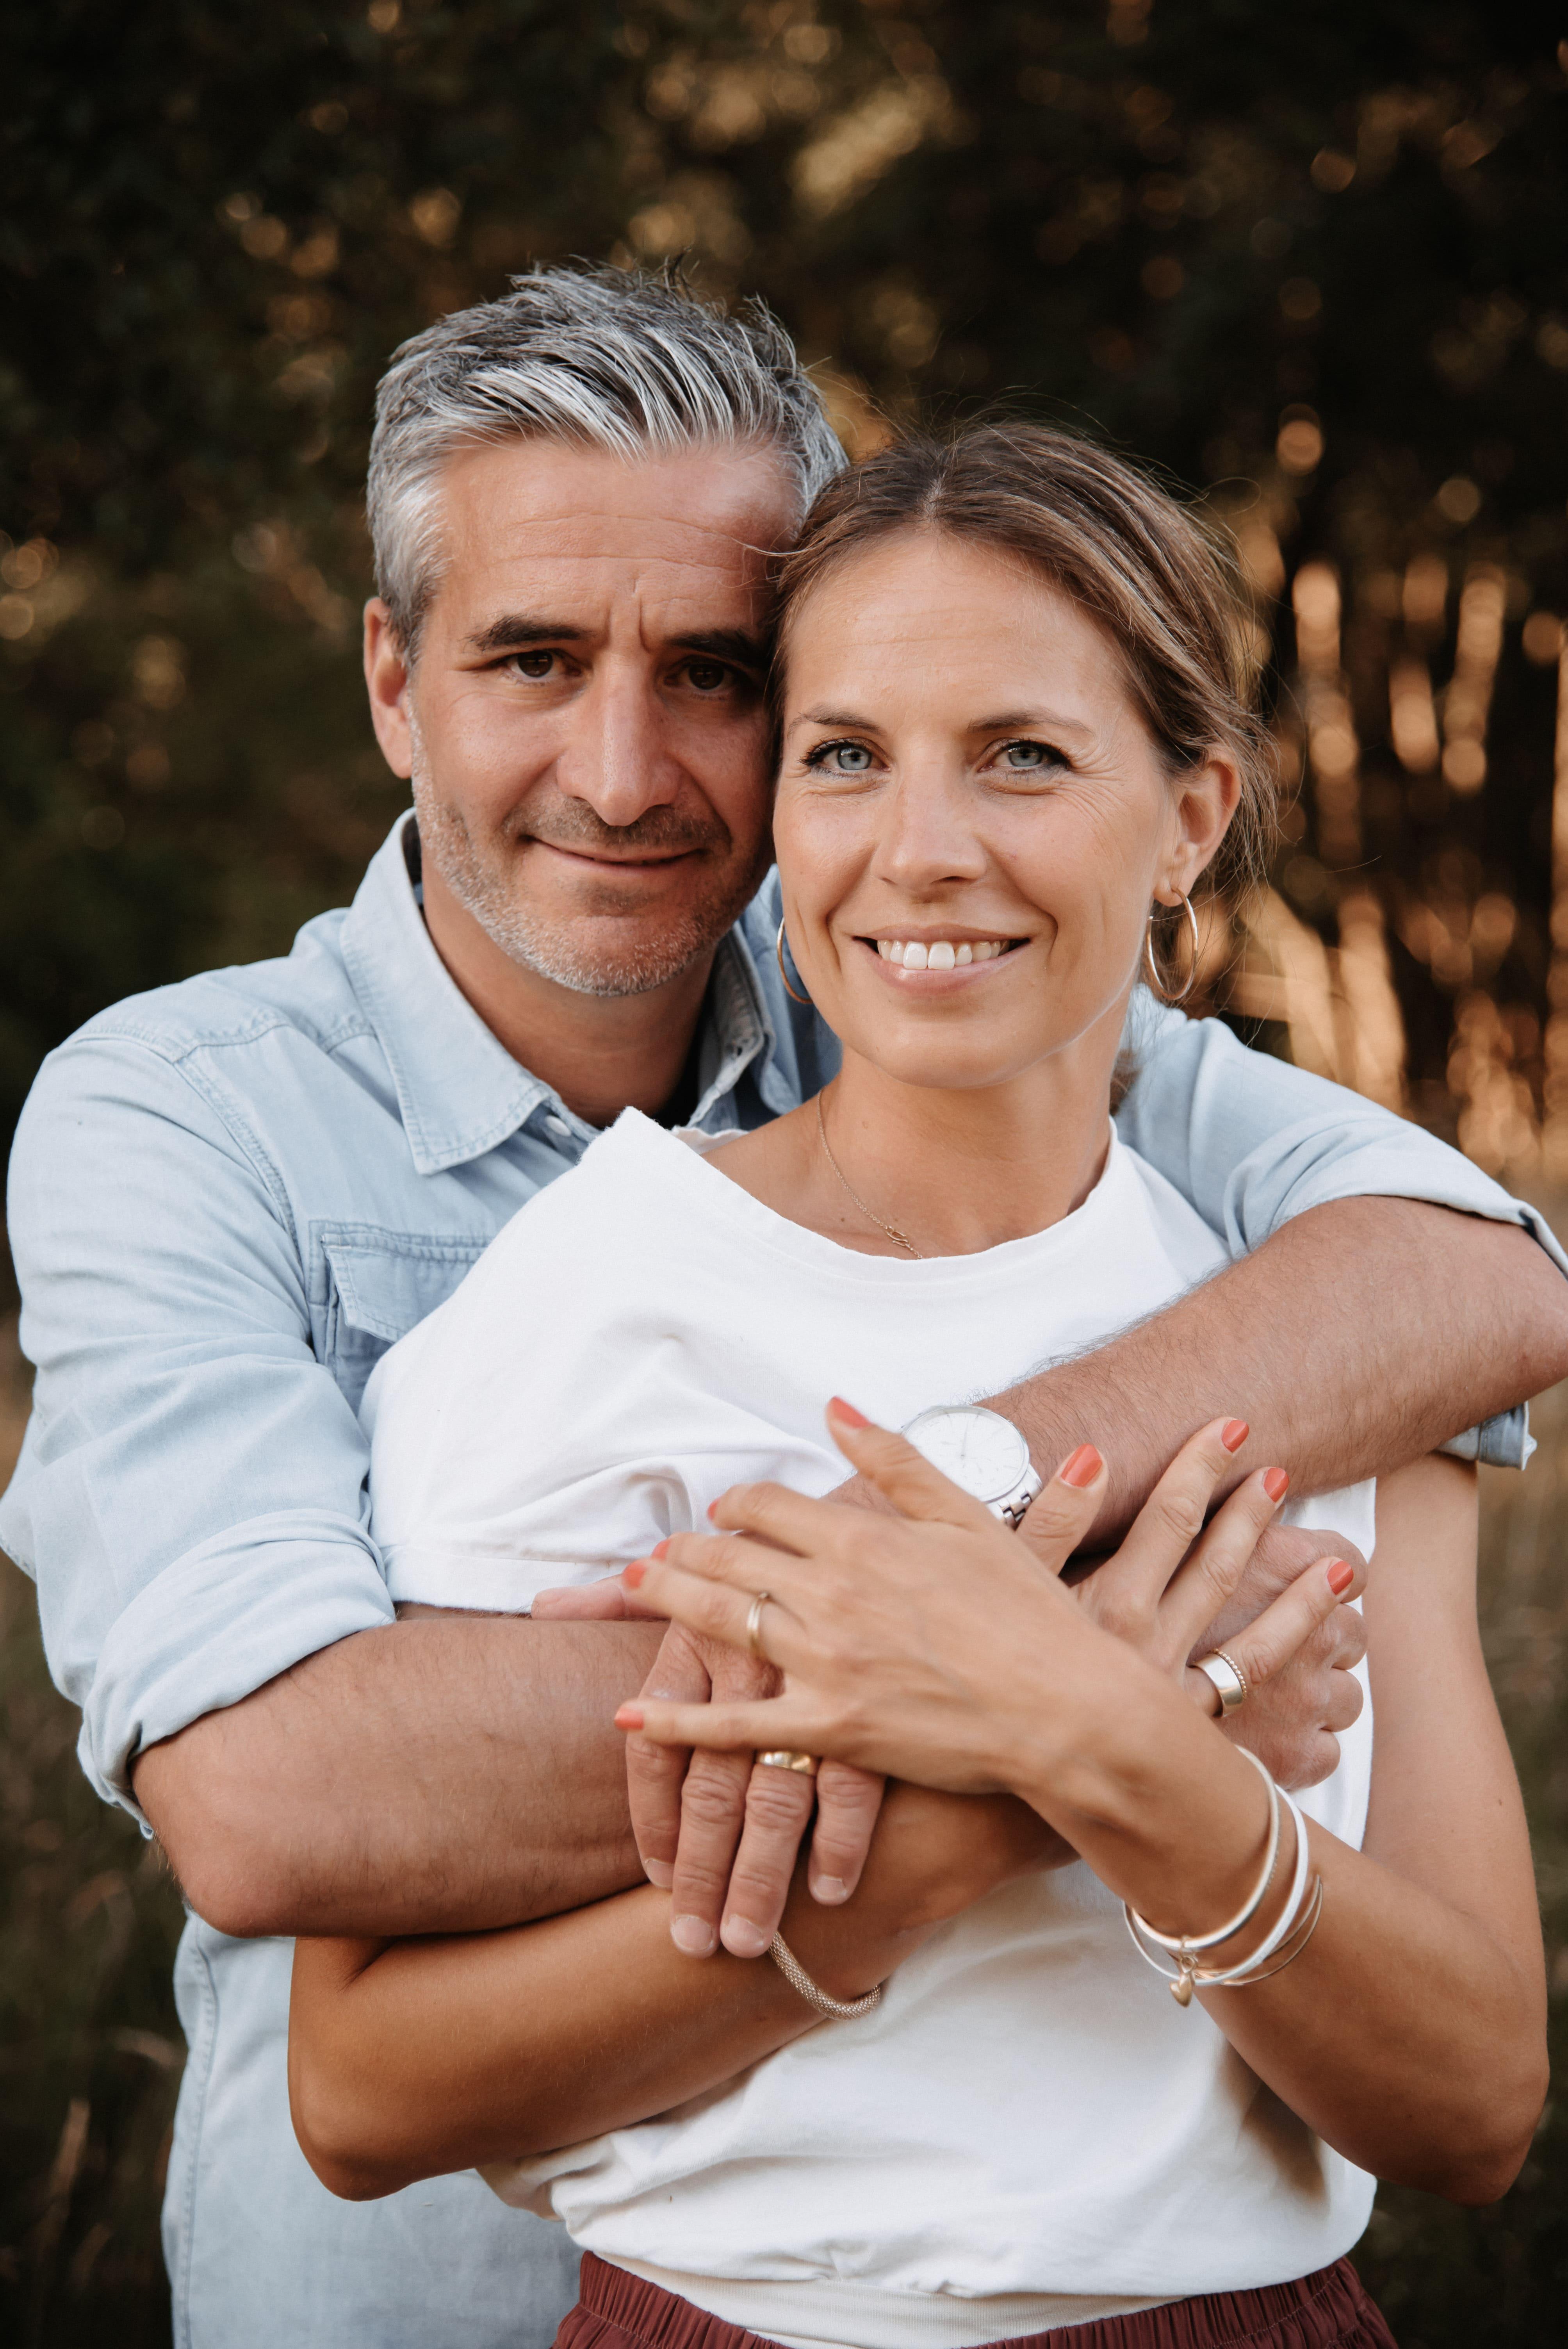 Ehepaar Fotoshooting